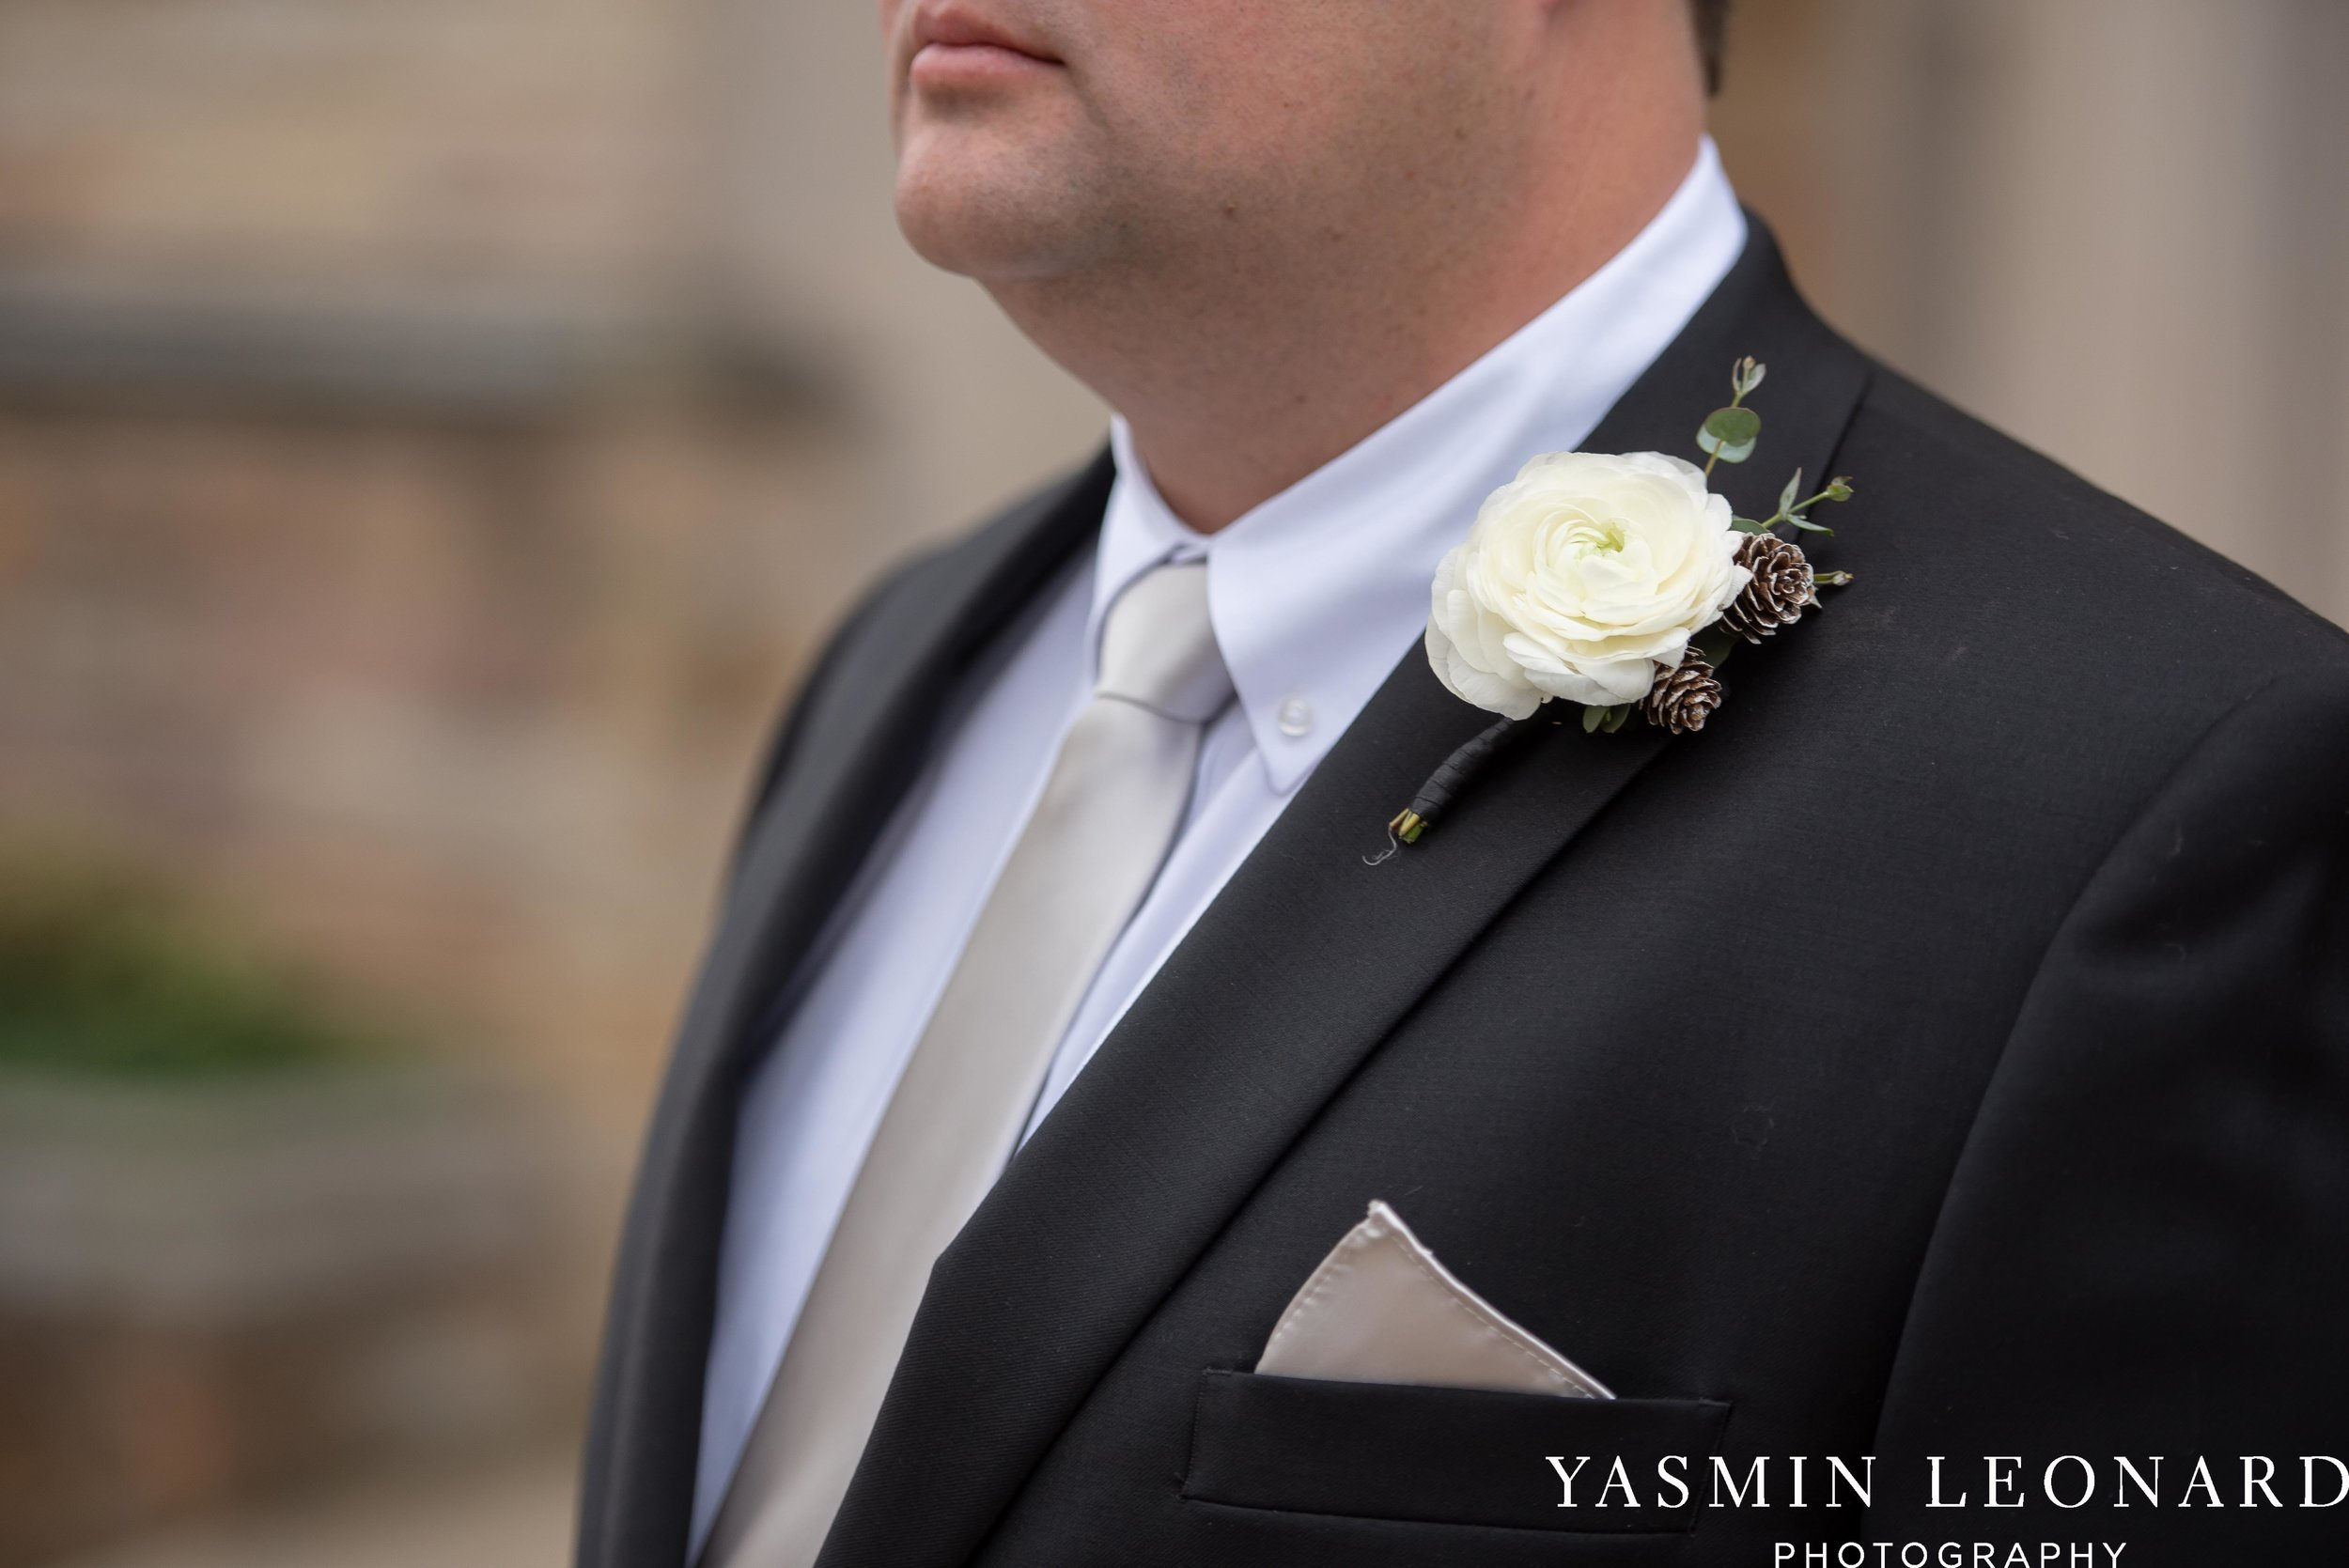 Adaumont Farm - Wesley Memorial Weddings - High Point Weddings - Just Priceless - NC Wedding Photographer - Yasmin Leonard Photography - High Point Wedding Vendors-25.jpg